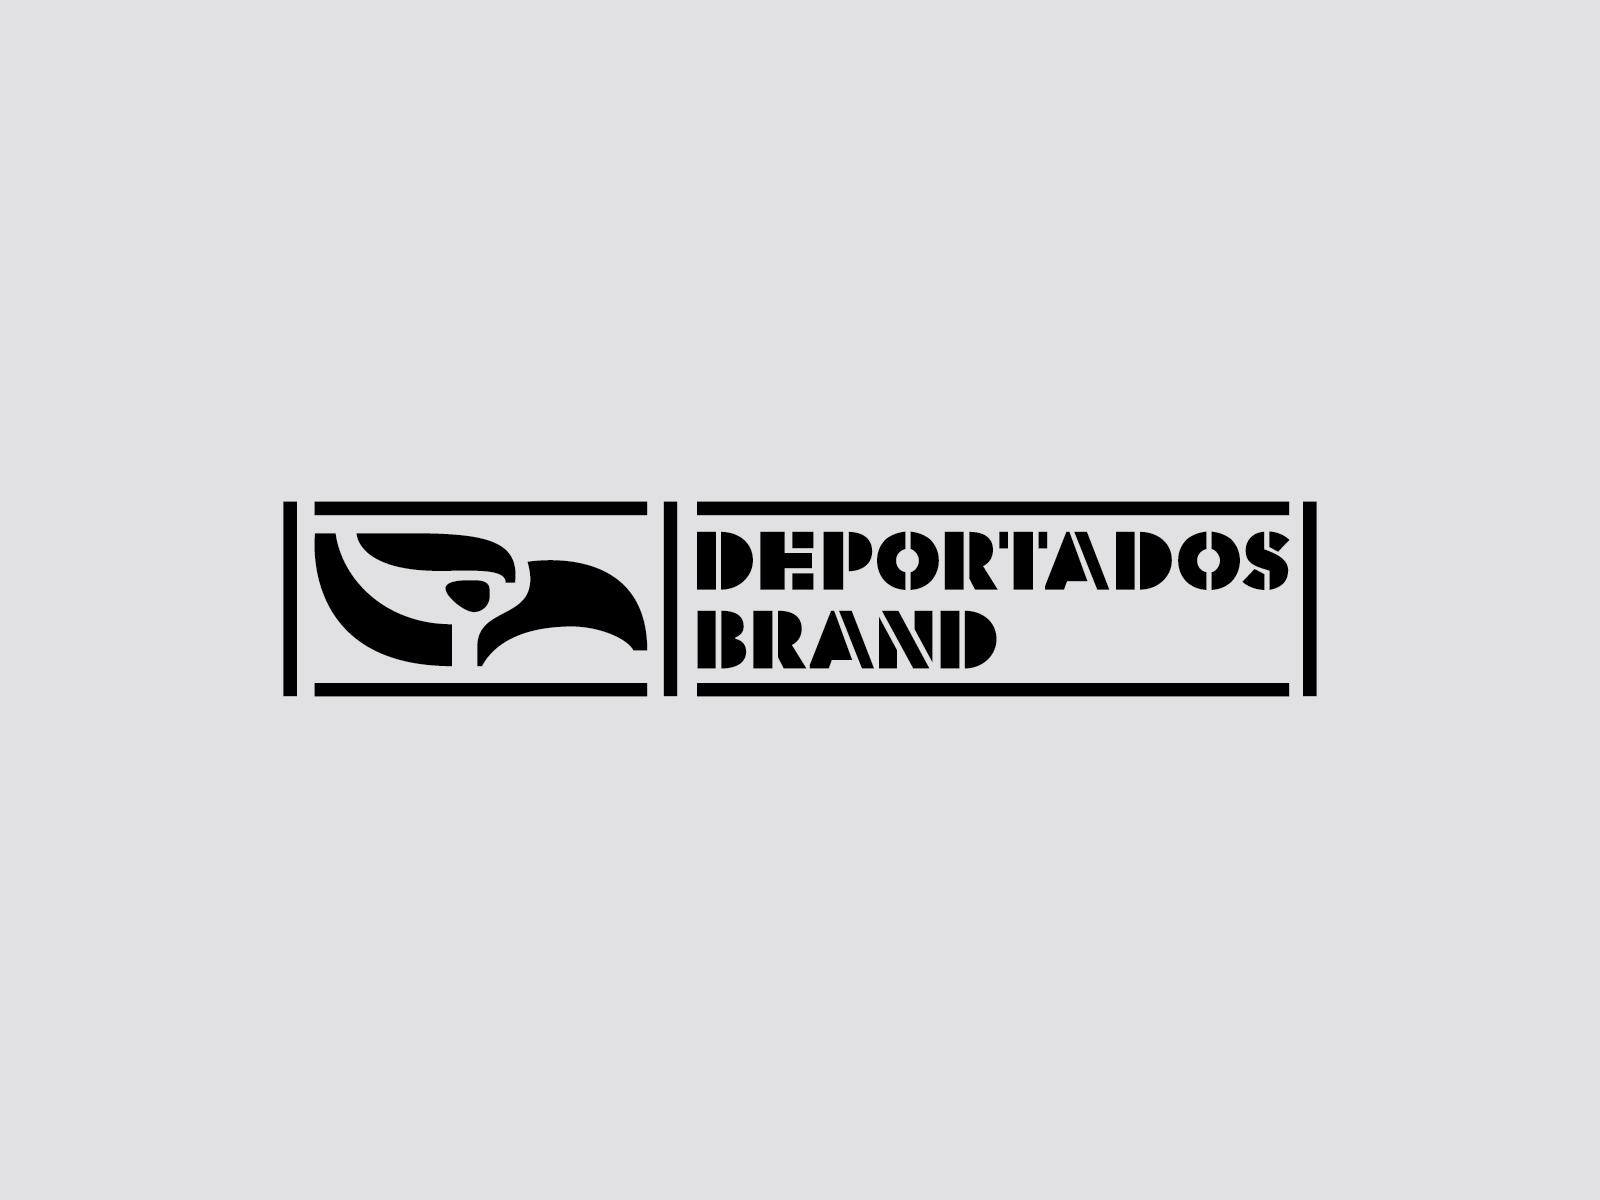 Deportados brand